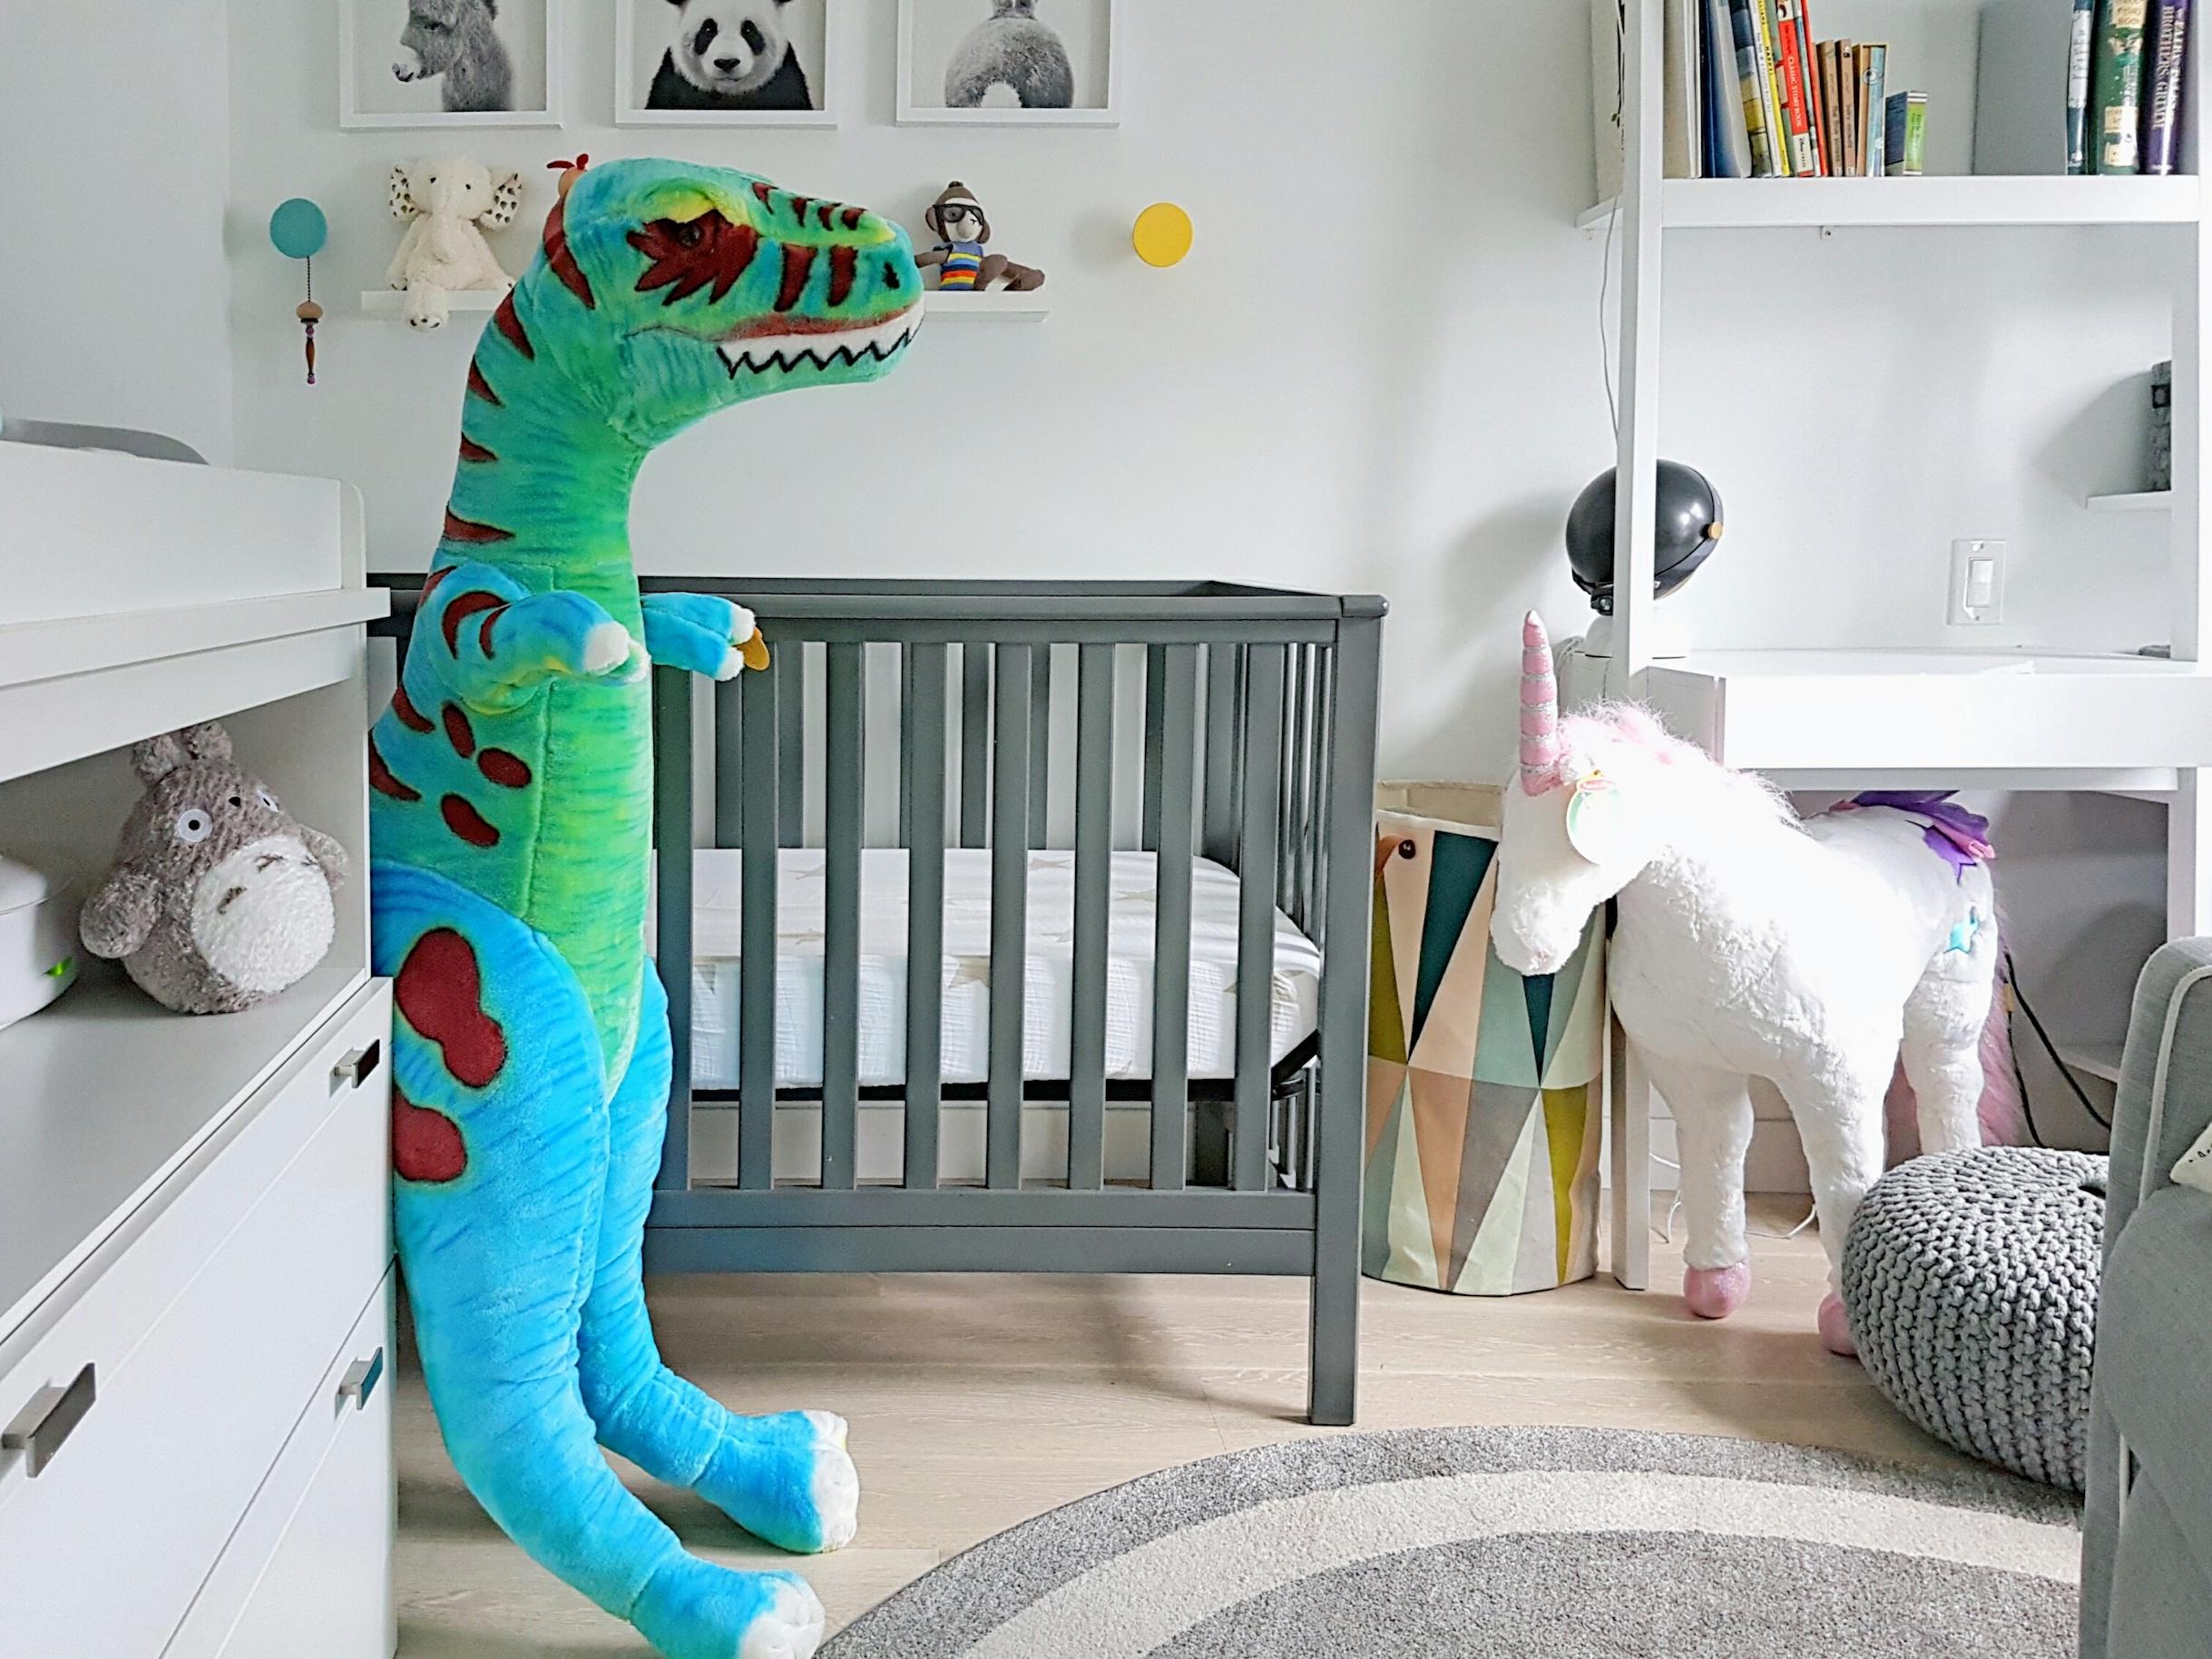 md_trex_unicorn_bby